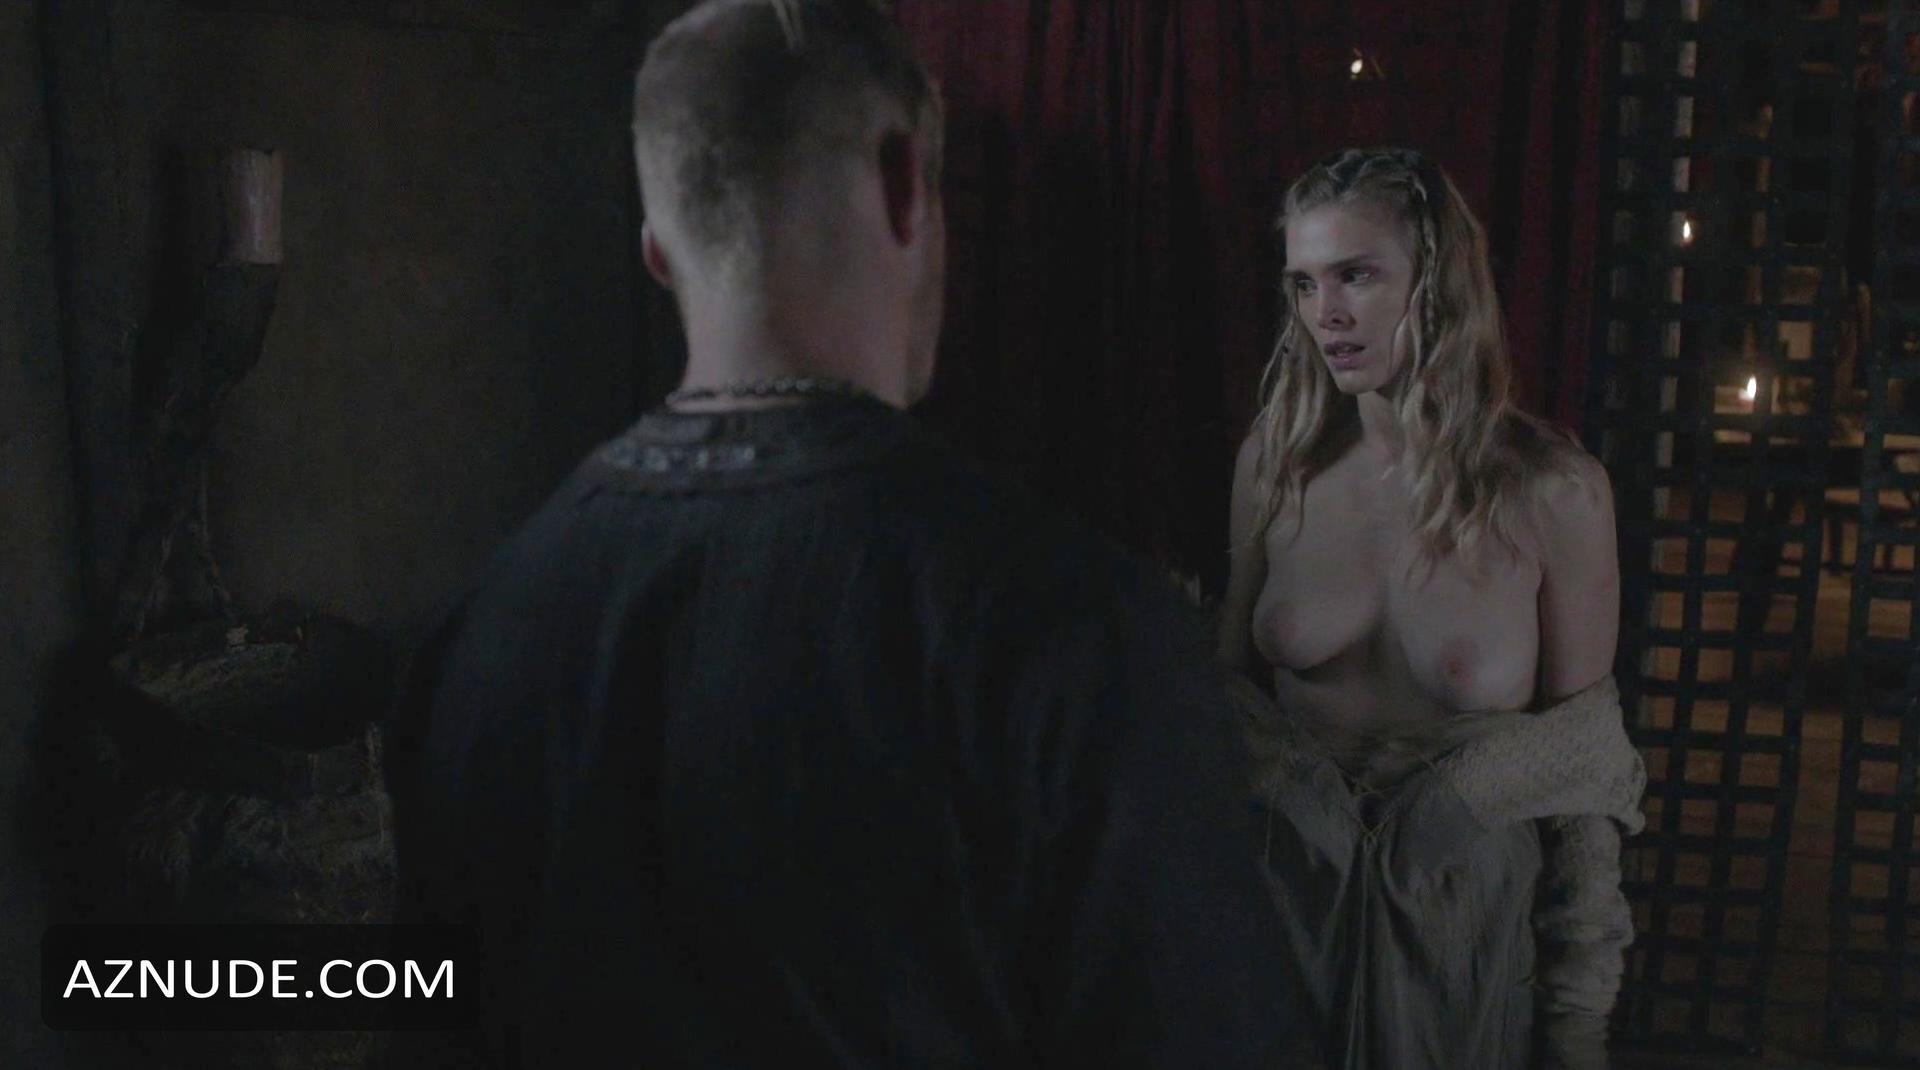 Dagny backer nude sex scene vikings on scandalplanetcom